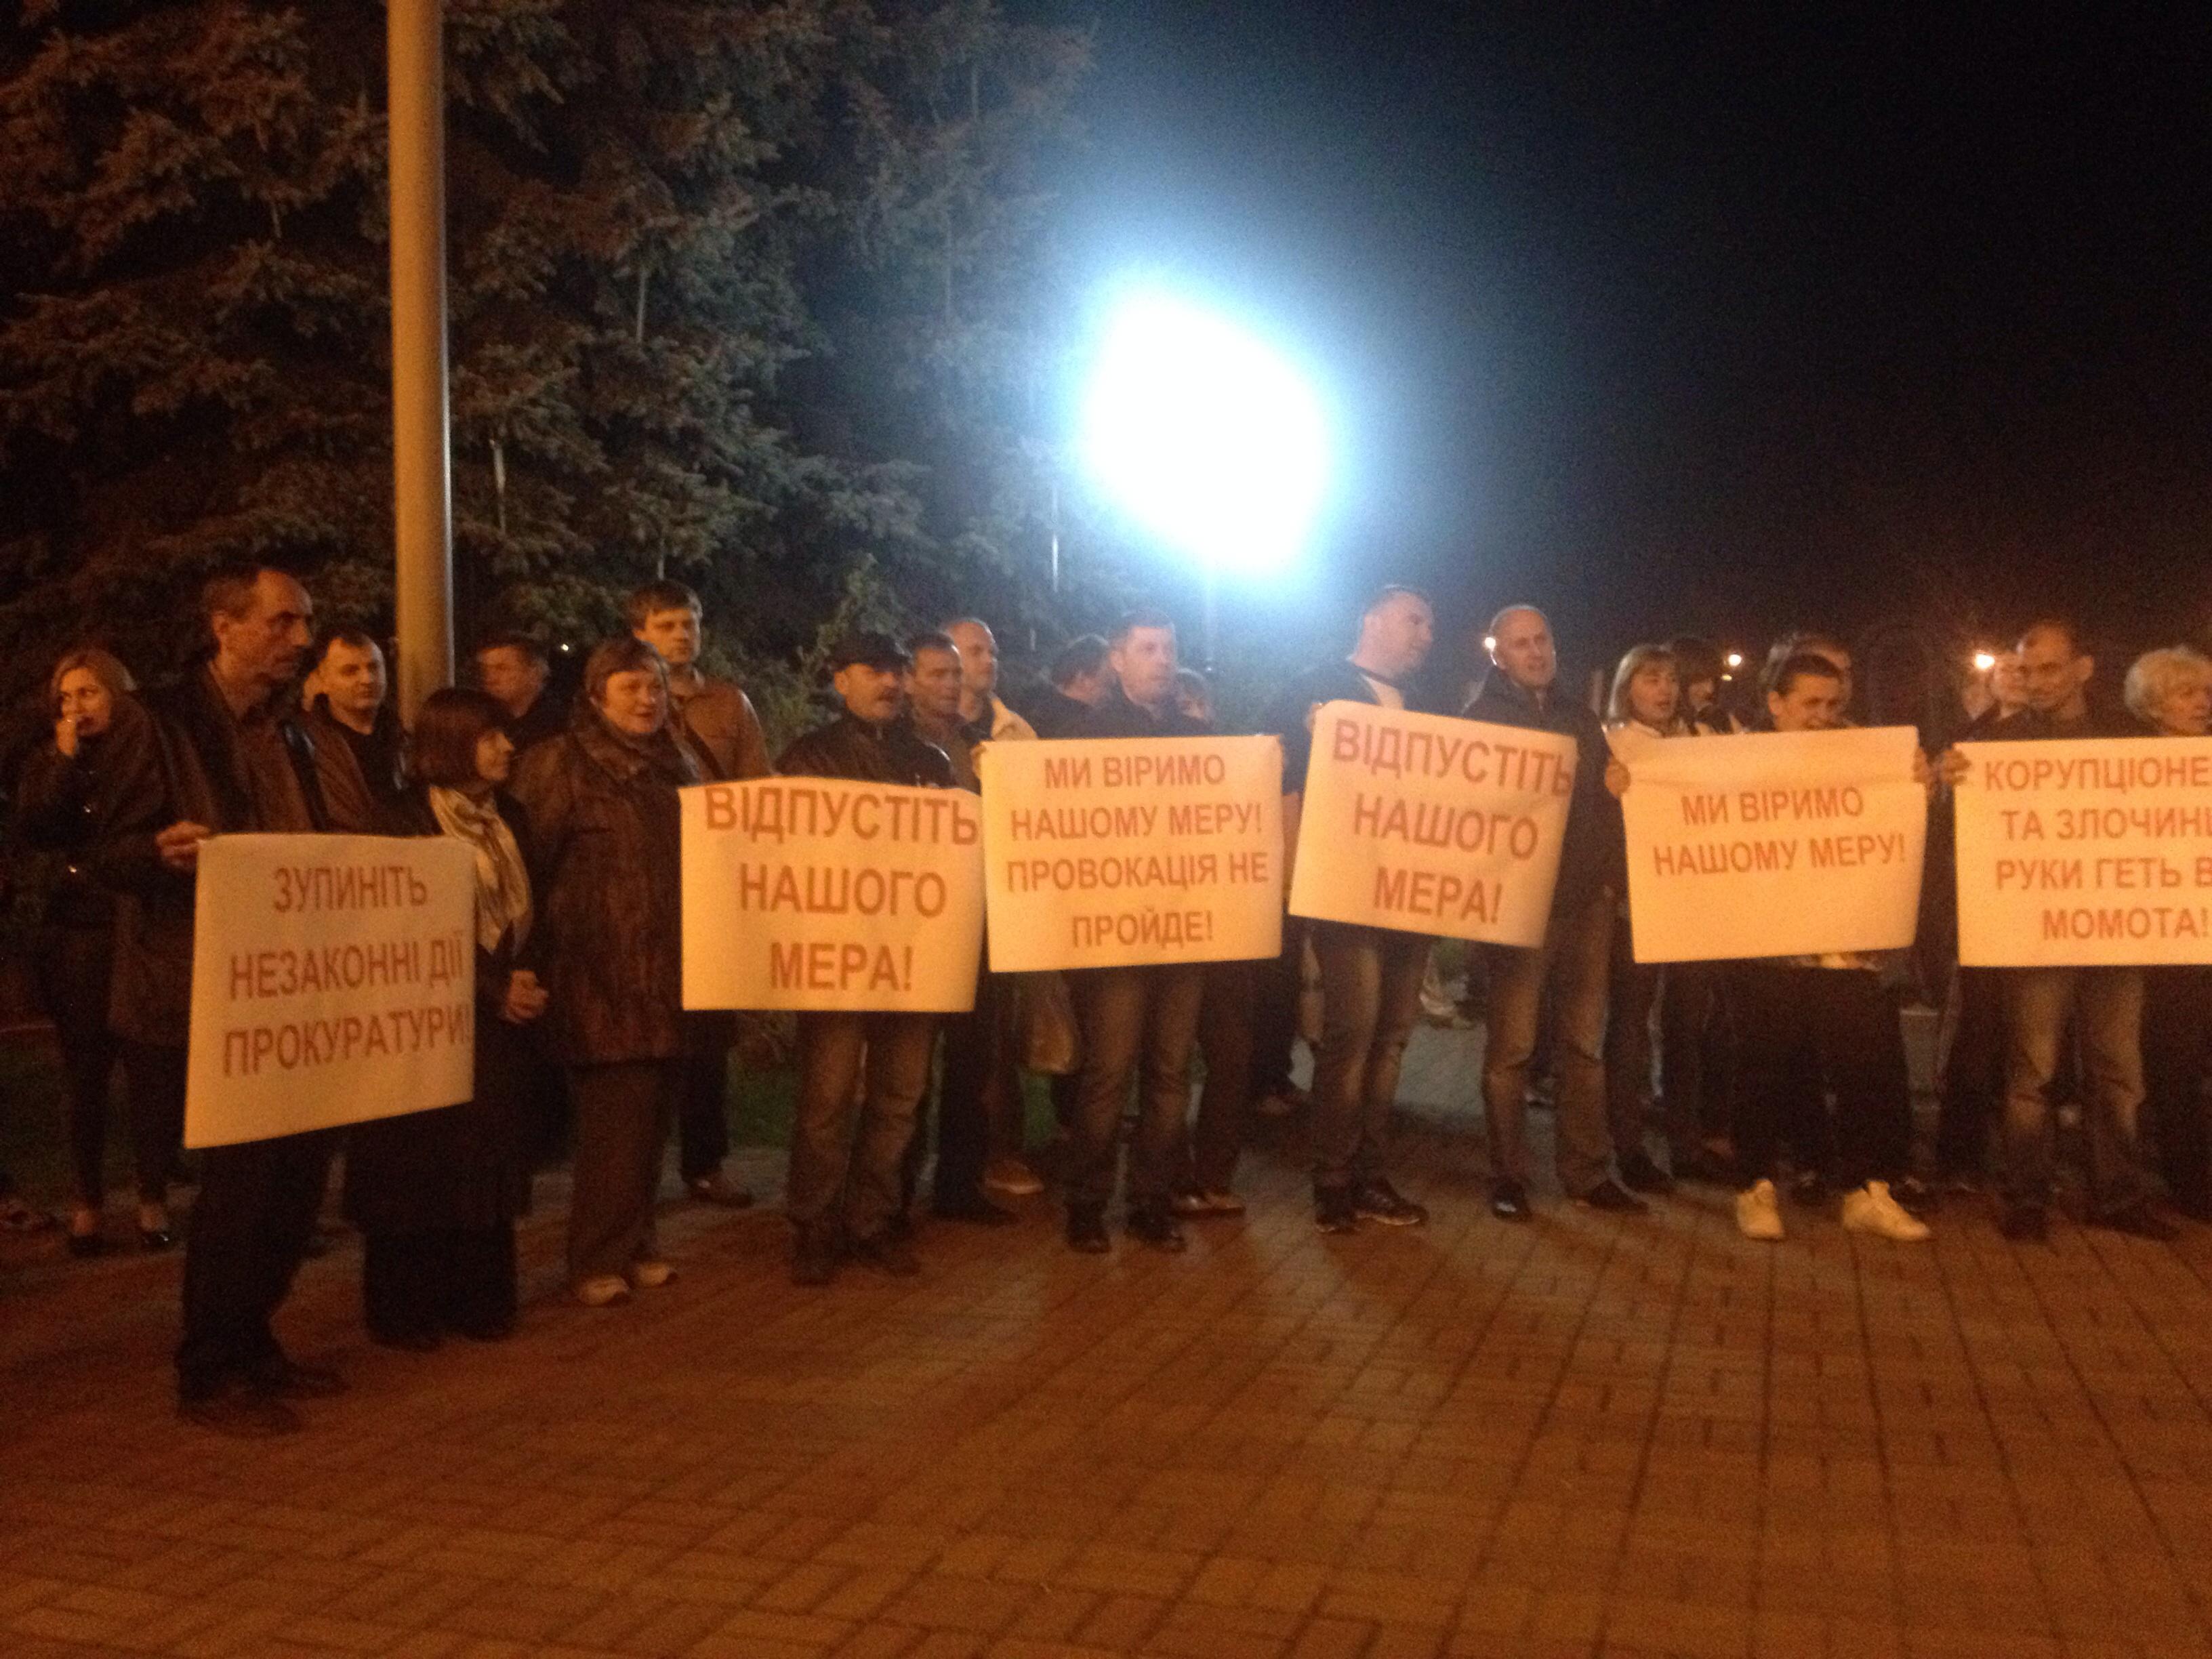 """У Вишгороді влаштували """"майдан"""" на підтримку мера, якого зловили на хабарі - фото 1"""